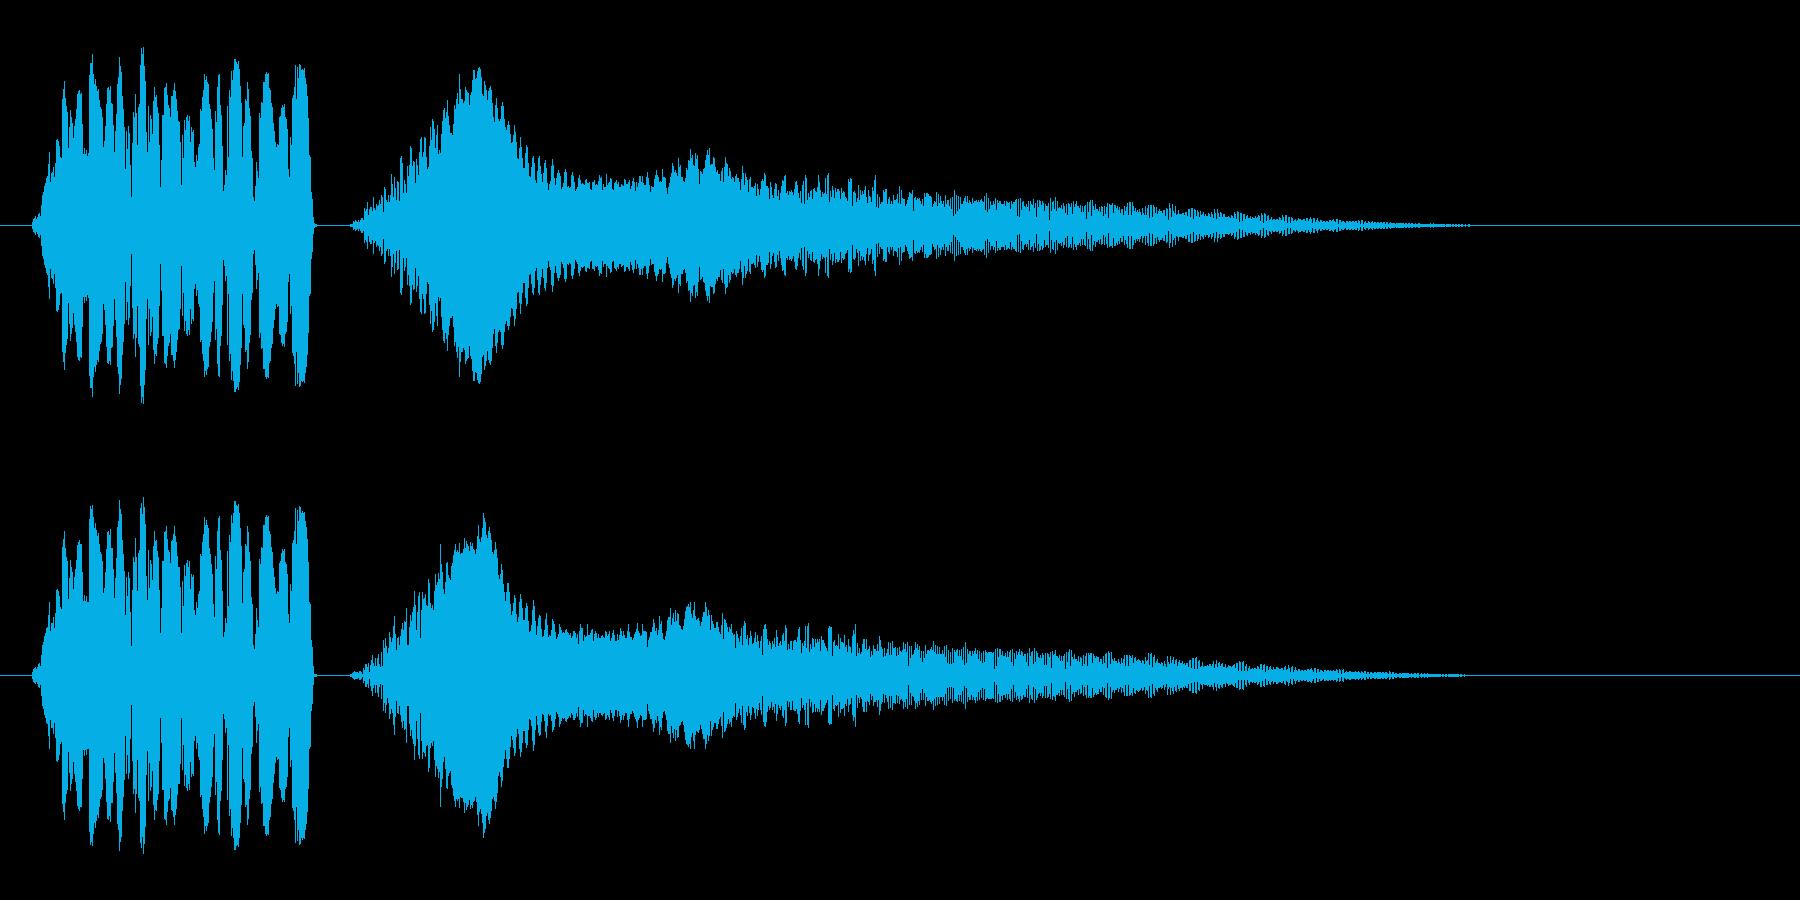 「ピュピューン」(ミサイル音)の再生済みの波形